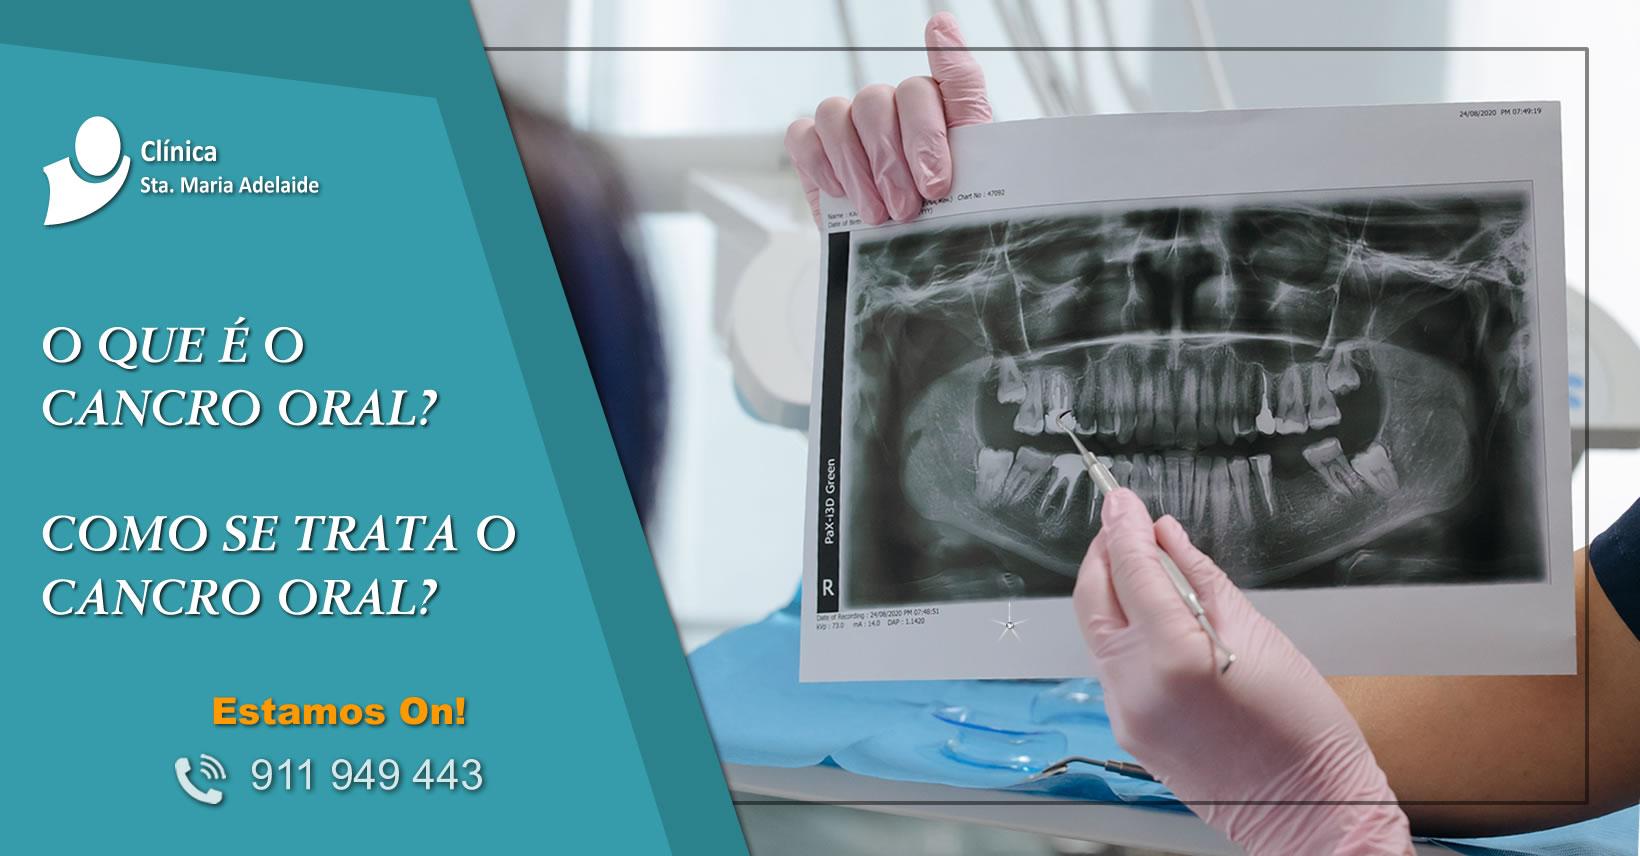 Cancro oral como prevenir e tratar